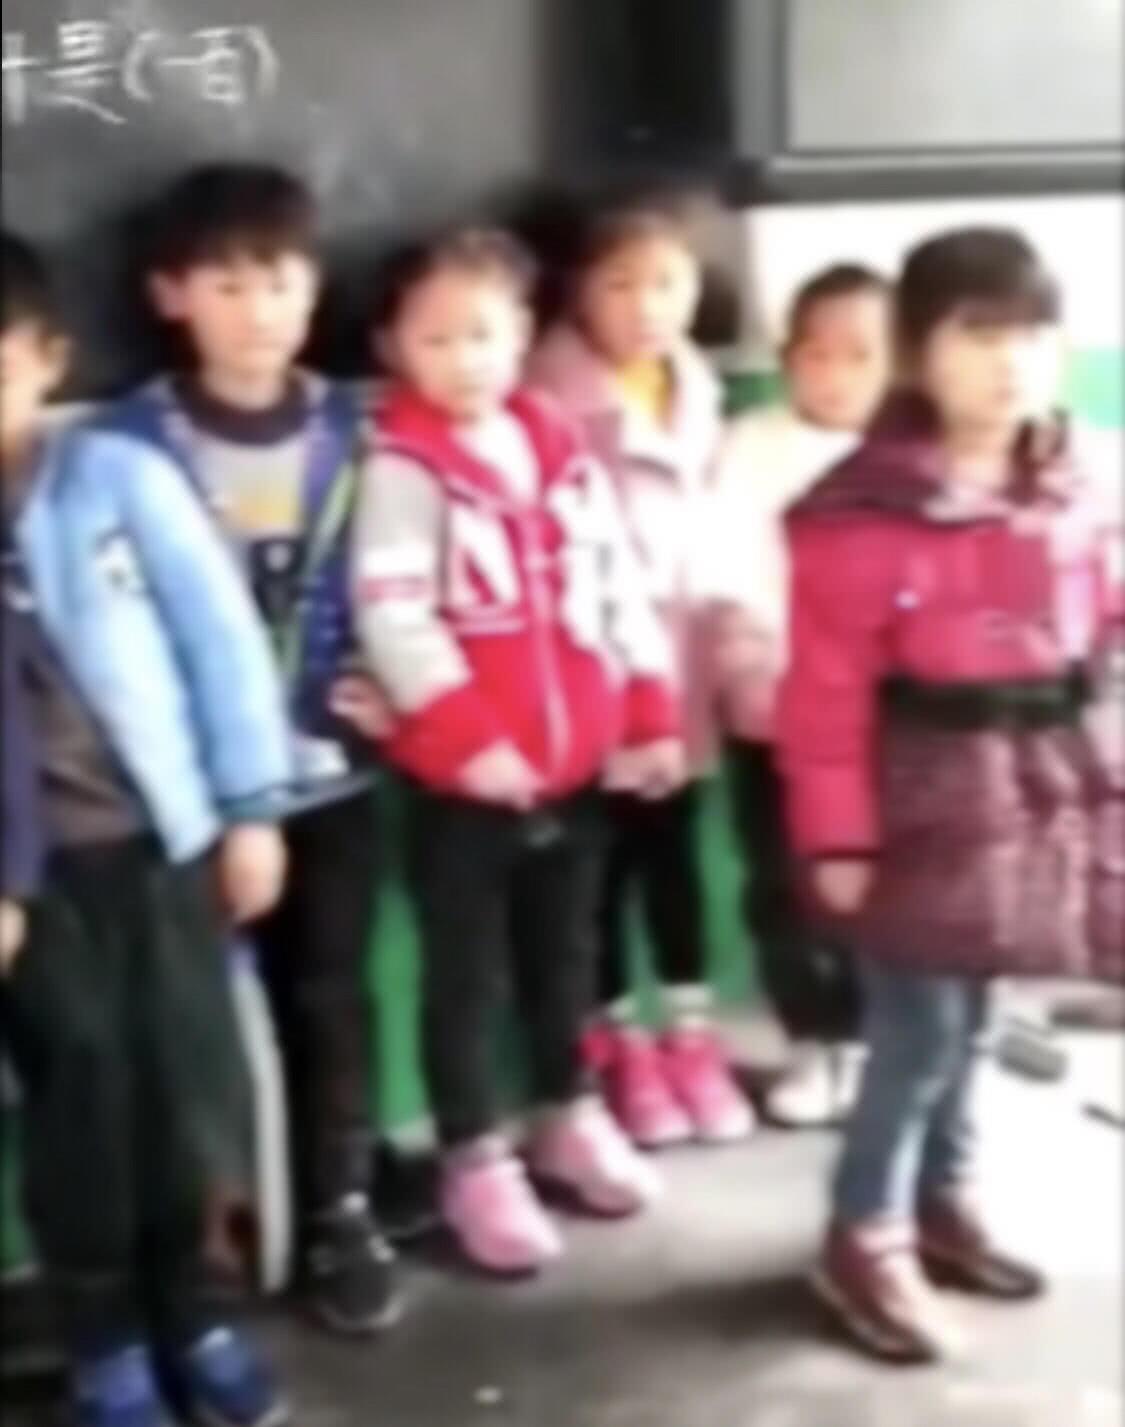 没订学校奶的小学生被罚站小学看订奶的喝?学深圳招生网讲台2017图片